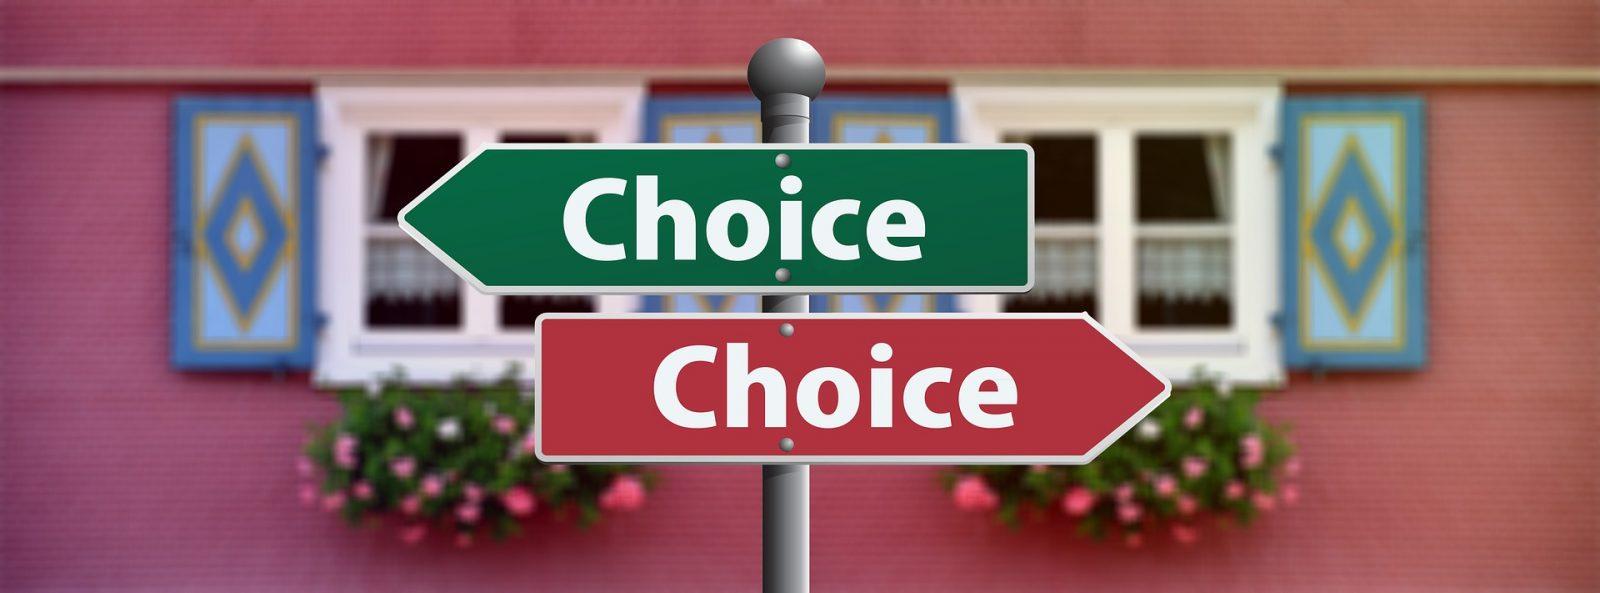 choice 2692575 1920